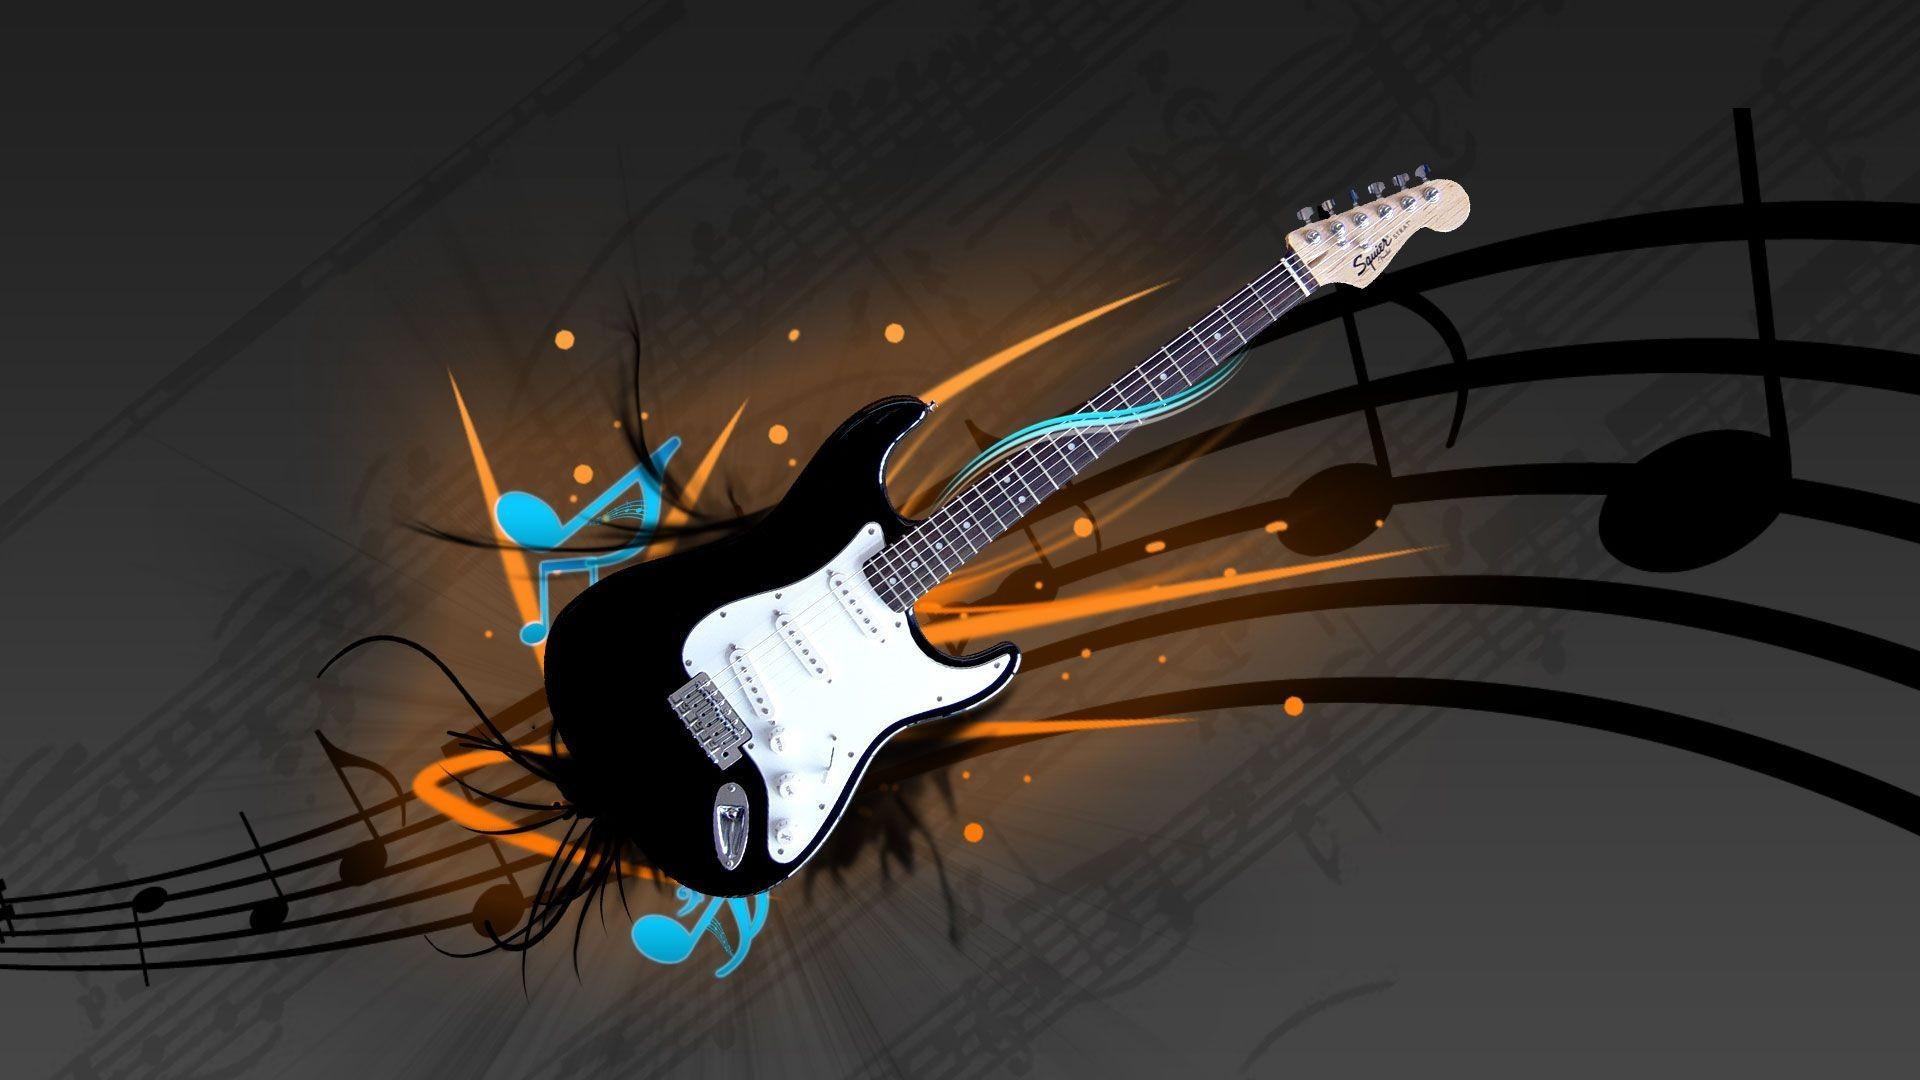 Cool guitar wallpapers wallpapertag - Cool guitar wallpaper ...